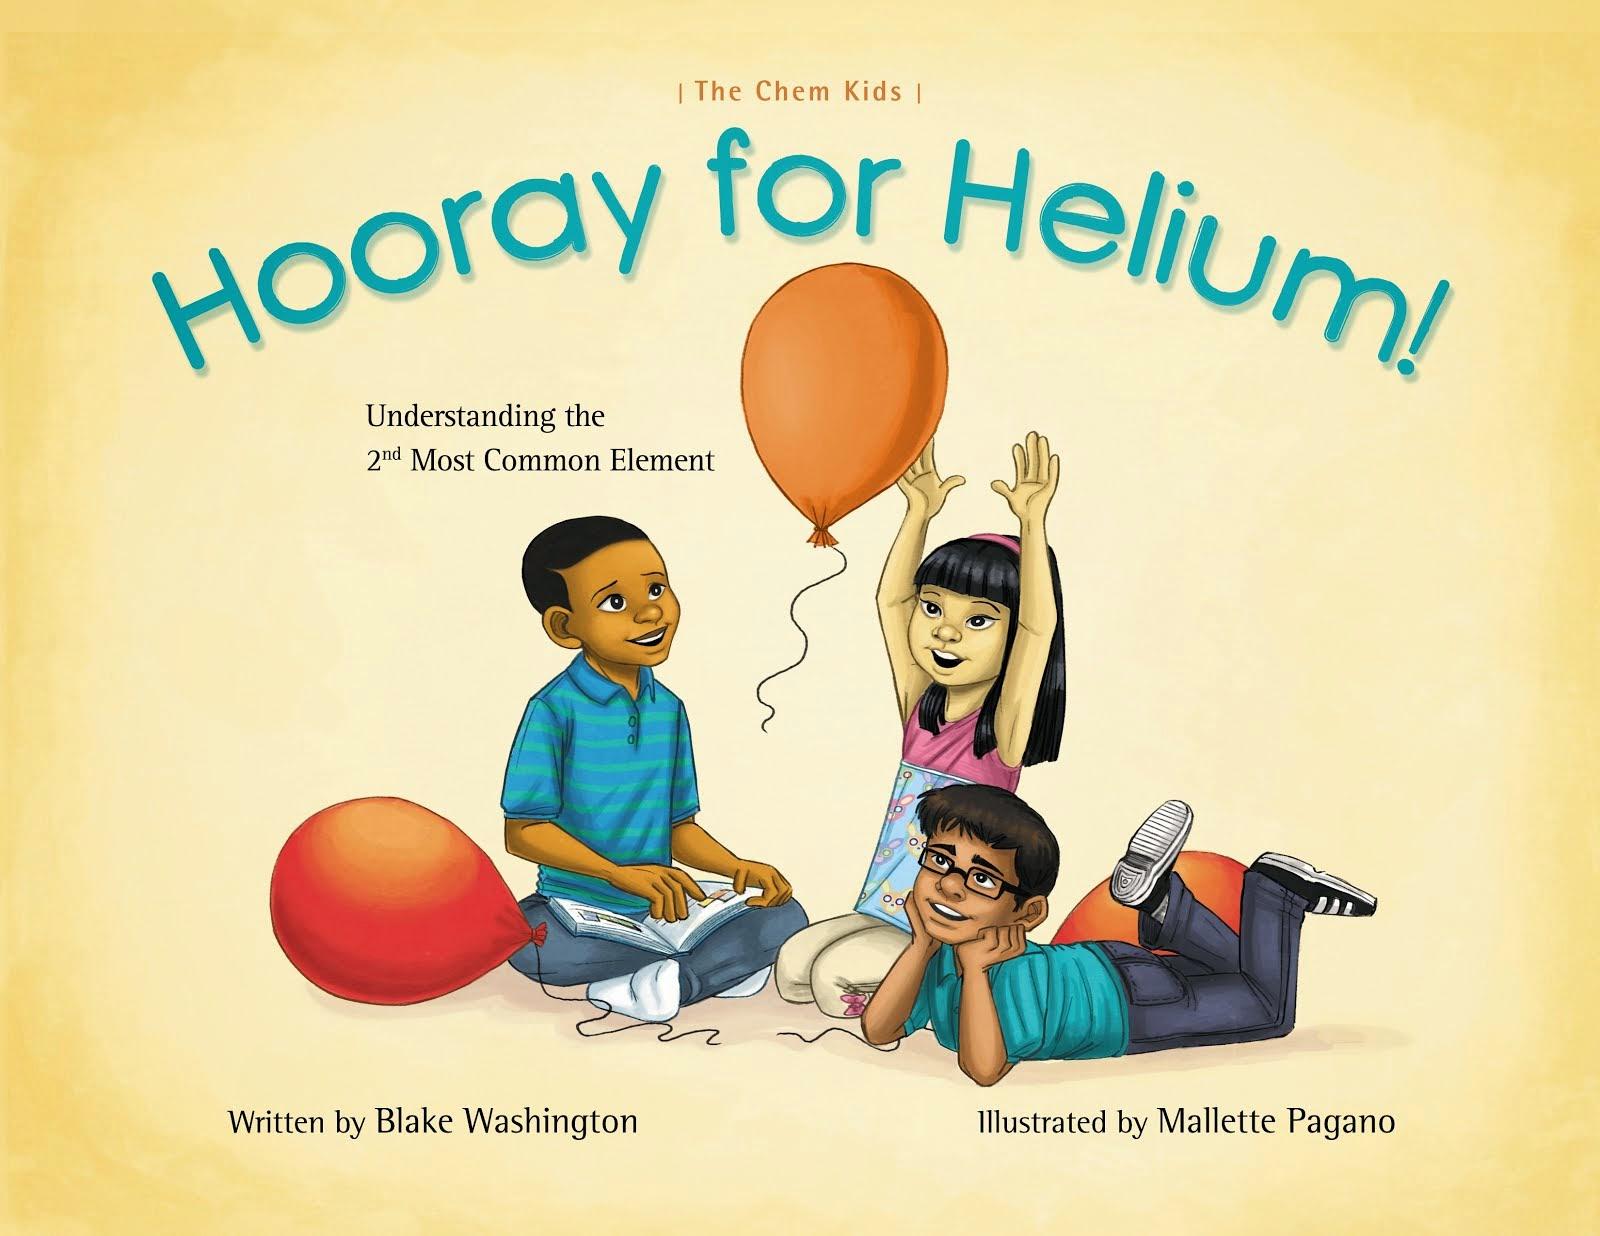 Hooray for Helium!